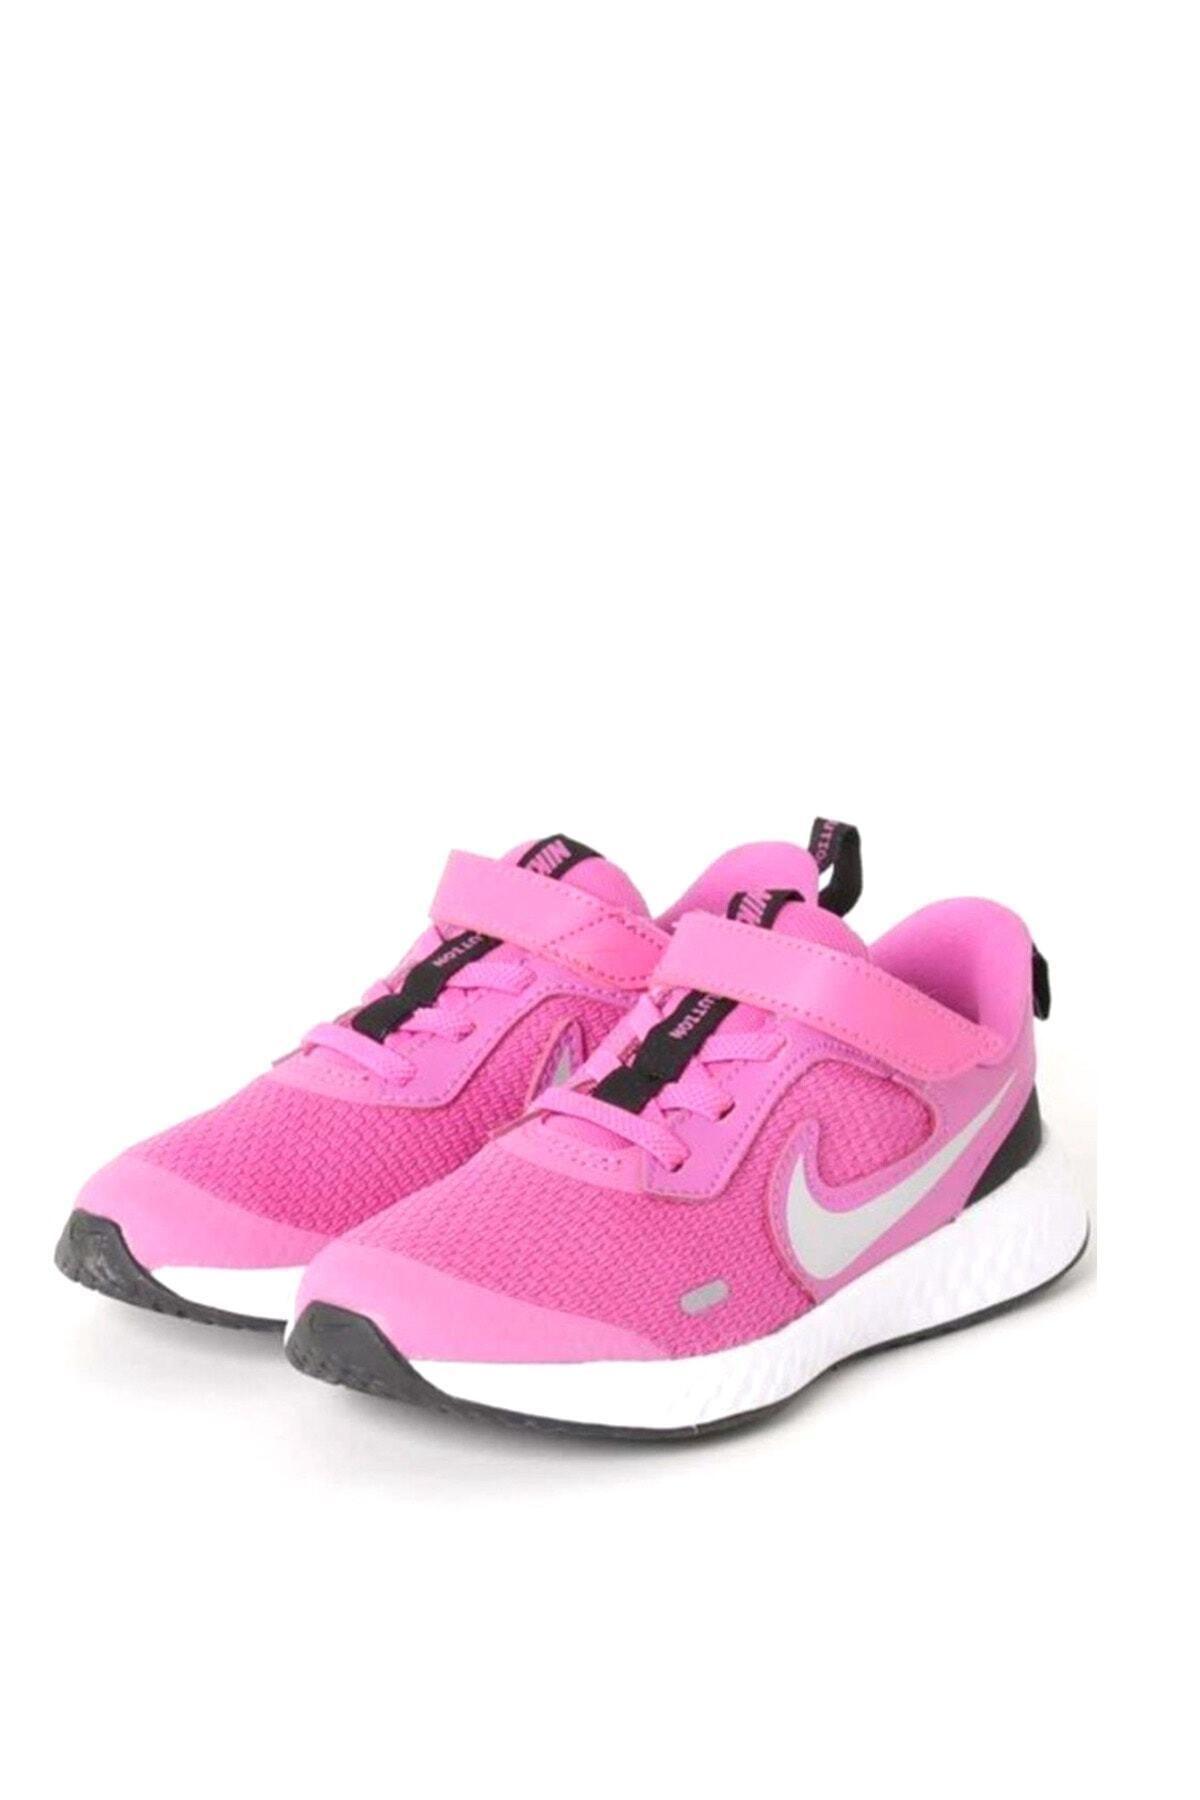 Nike Kids Kız Çocuk Pembe Koşu Ayakkabı Bq5672-610 2